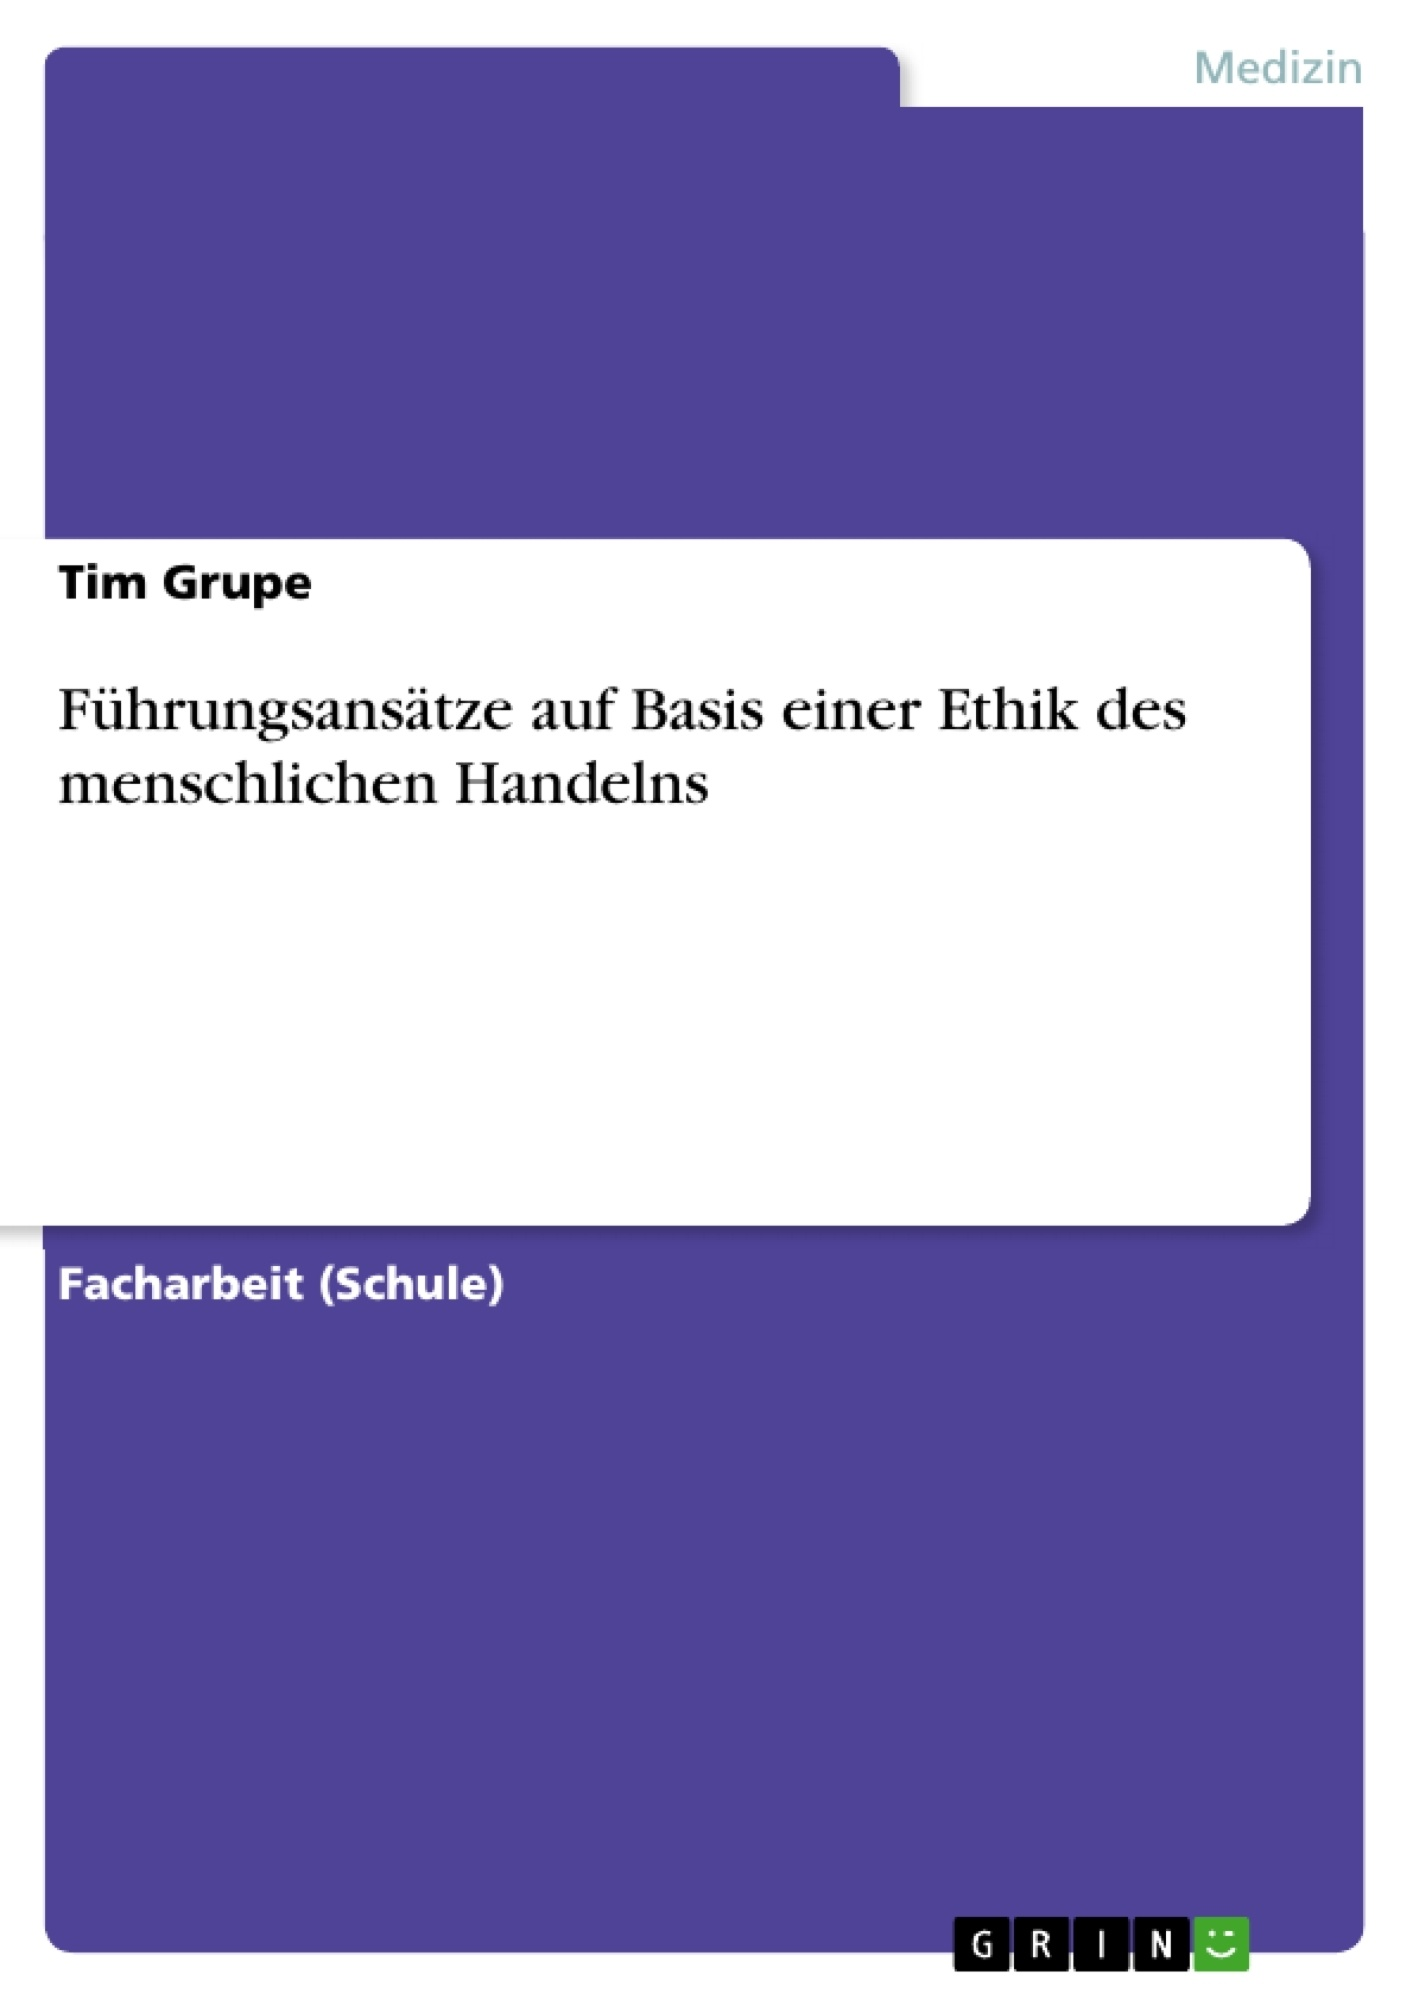 Titel: Führungsansätze auf Basis einer Ethik des menschlichen Handelns